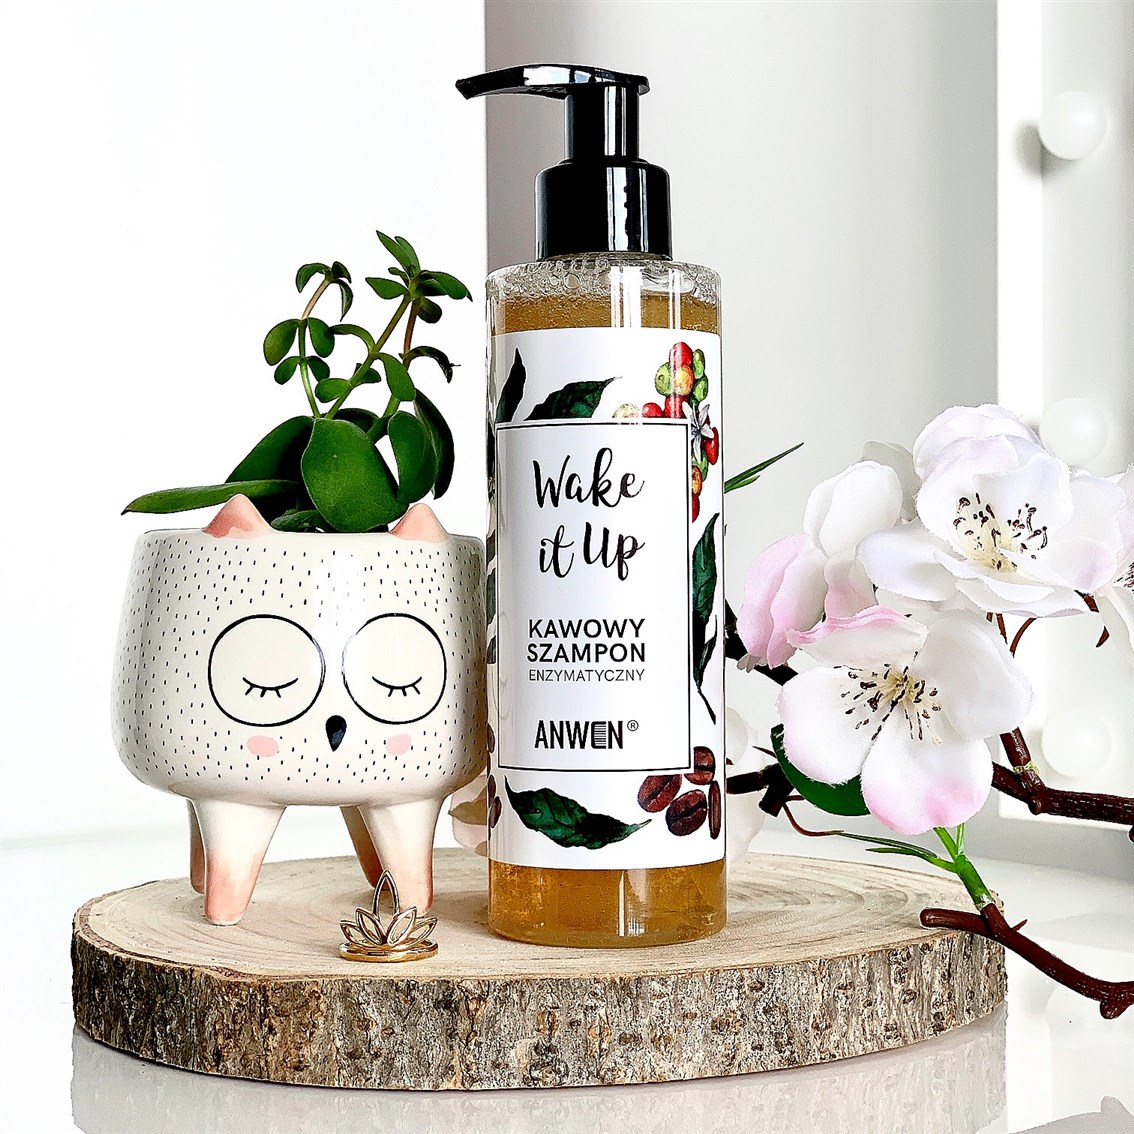 Anwen Wake It Up enzymatyczny szampon kawowy